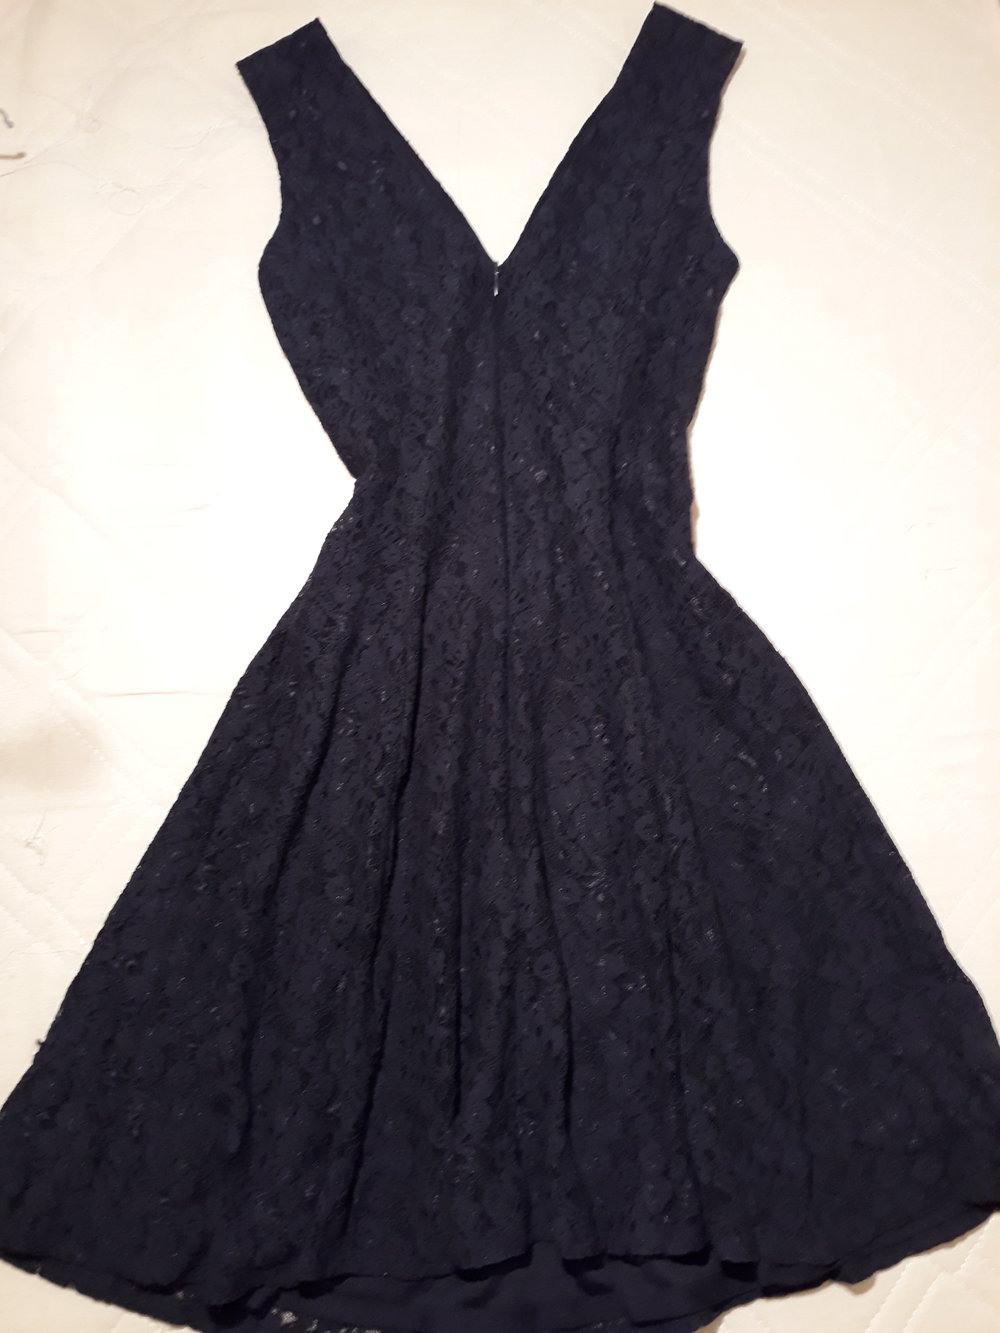 Formal Schön Dunkelblaues Kleid Mit Spitze Spezialgebiet17 Einzigartig Dunkelblaues Kleid Mit Spitze Stylish